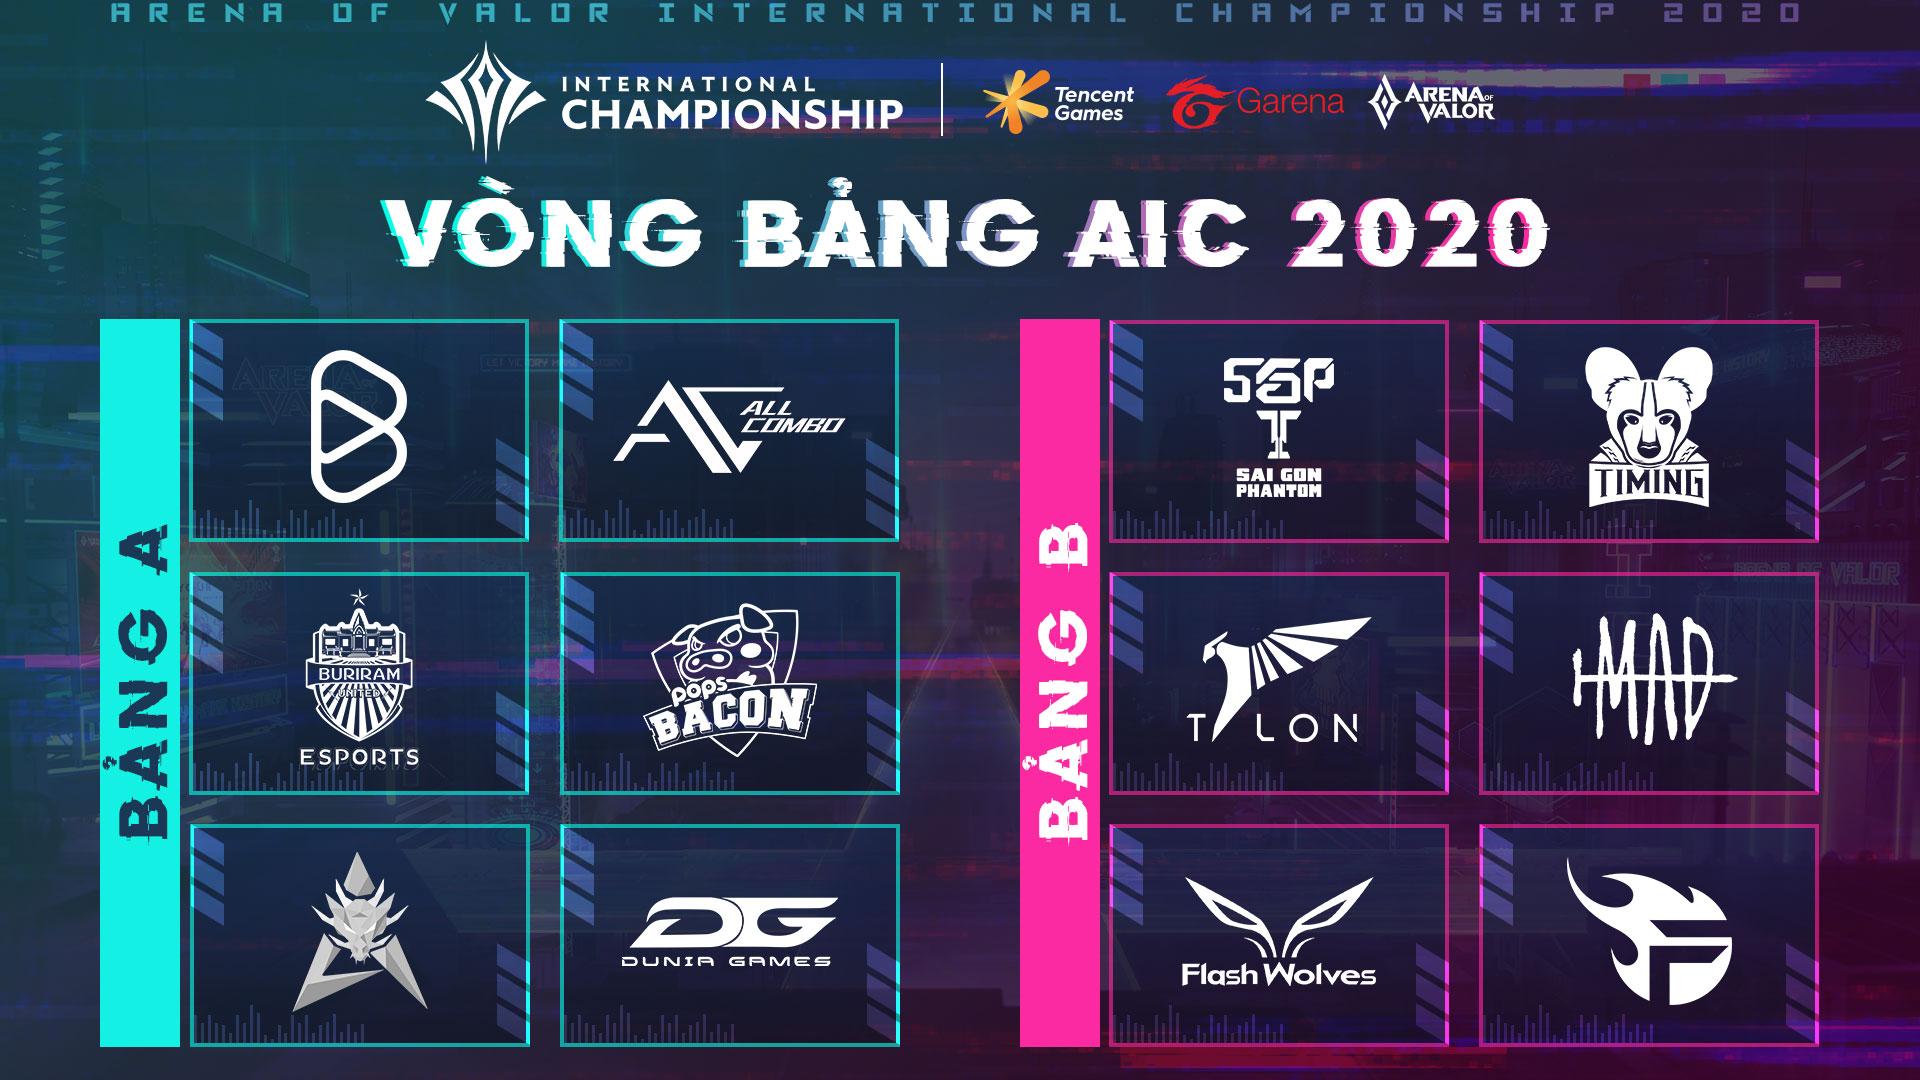 Vòng bảng AIC